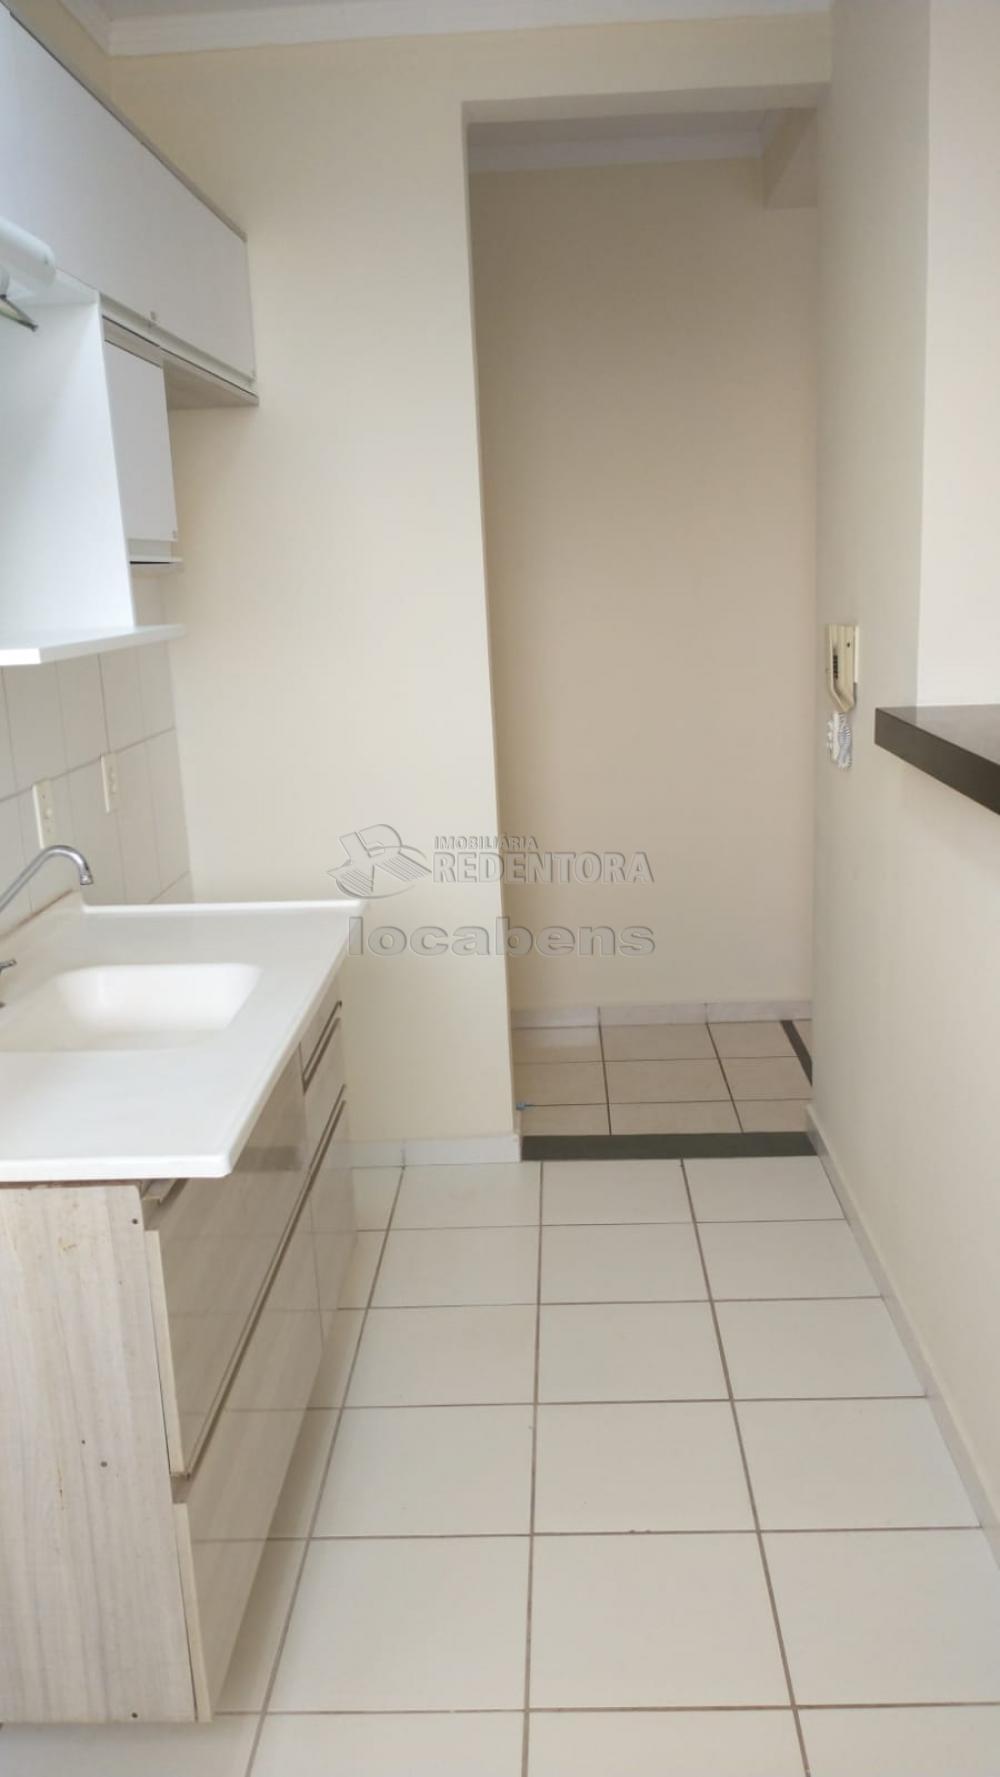 Alugar Apartamento / Padrão em São José do Rio Preto apenas R$ 795,00 - Foto 16